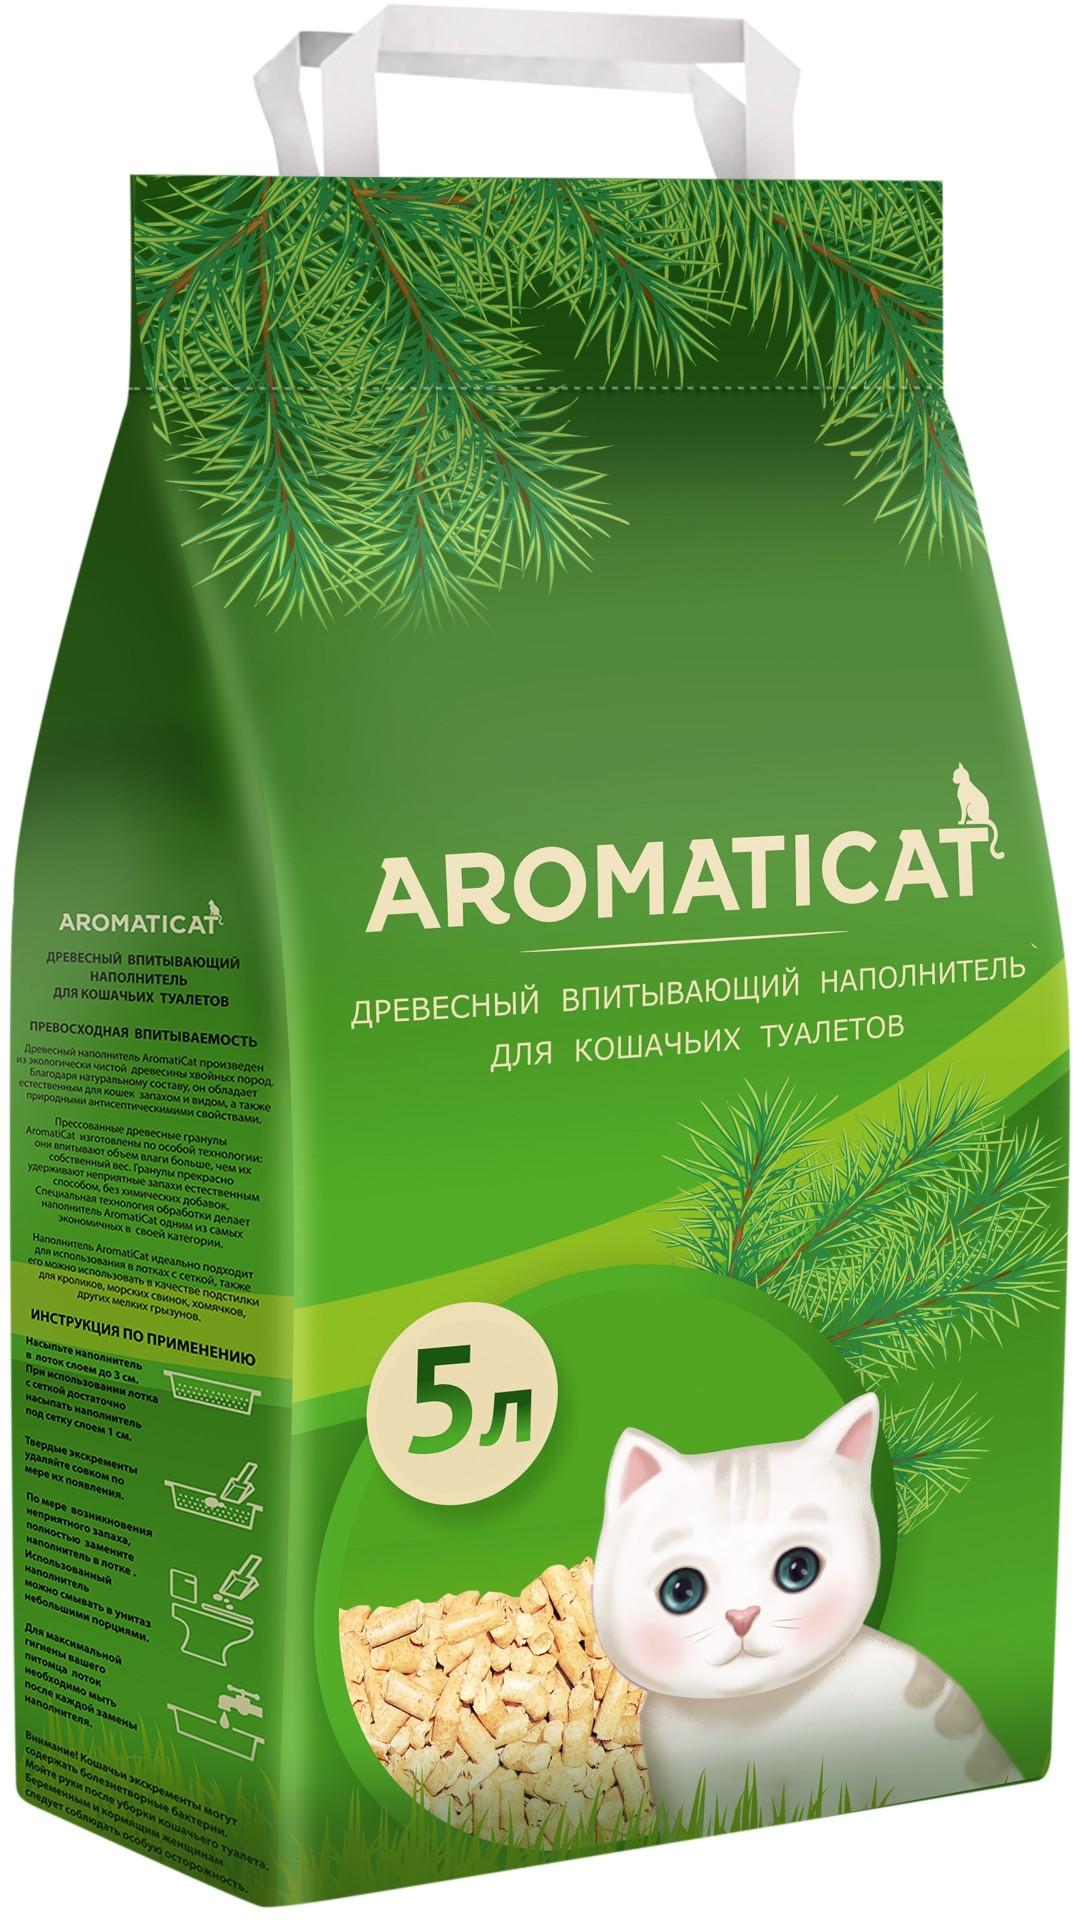 Домики когтеточки для кошек купить в Украине. Фото и цены